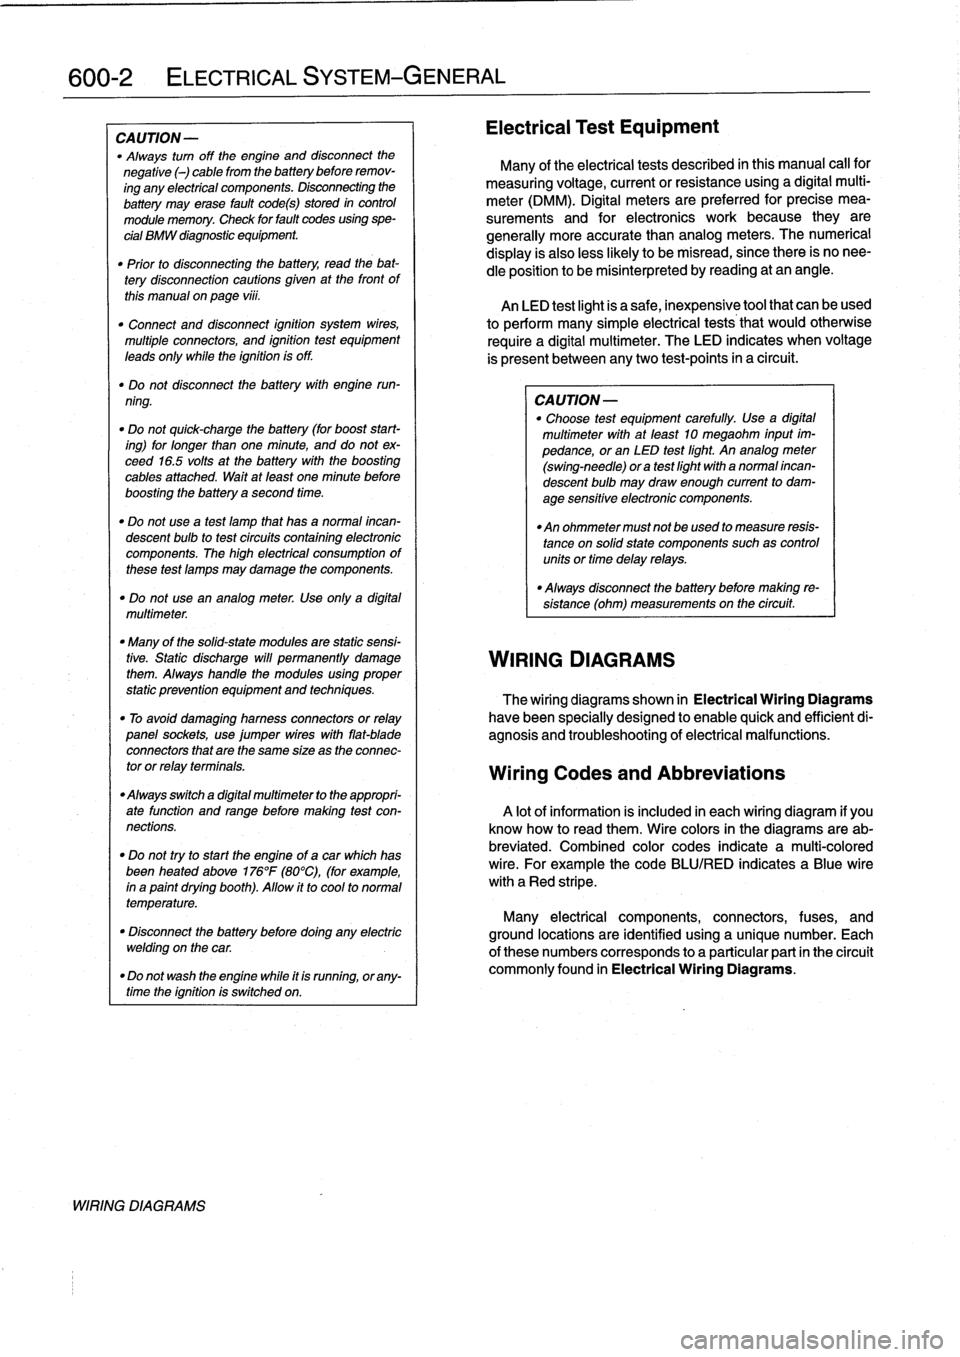 Bmw 323i 1996 E36 Workshop Manual Wiring Diagram